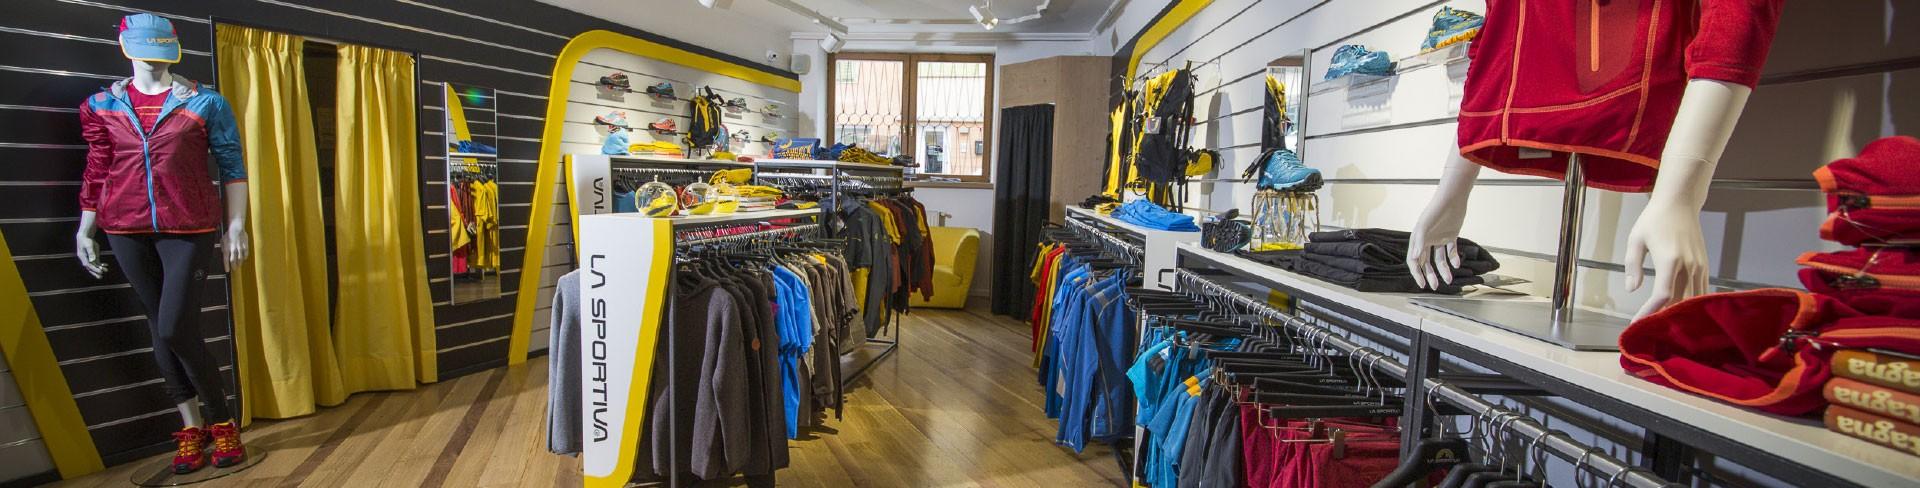 La Sportiva Brand Stores